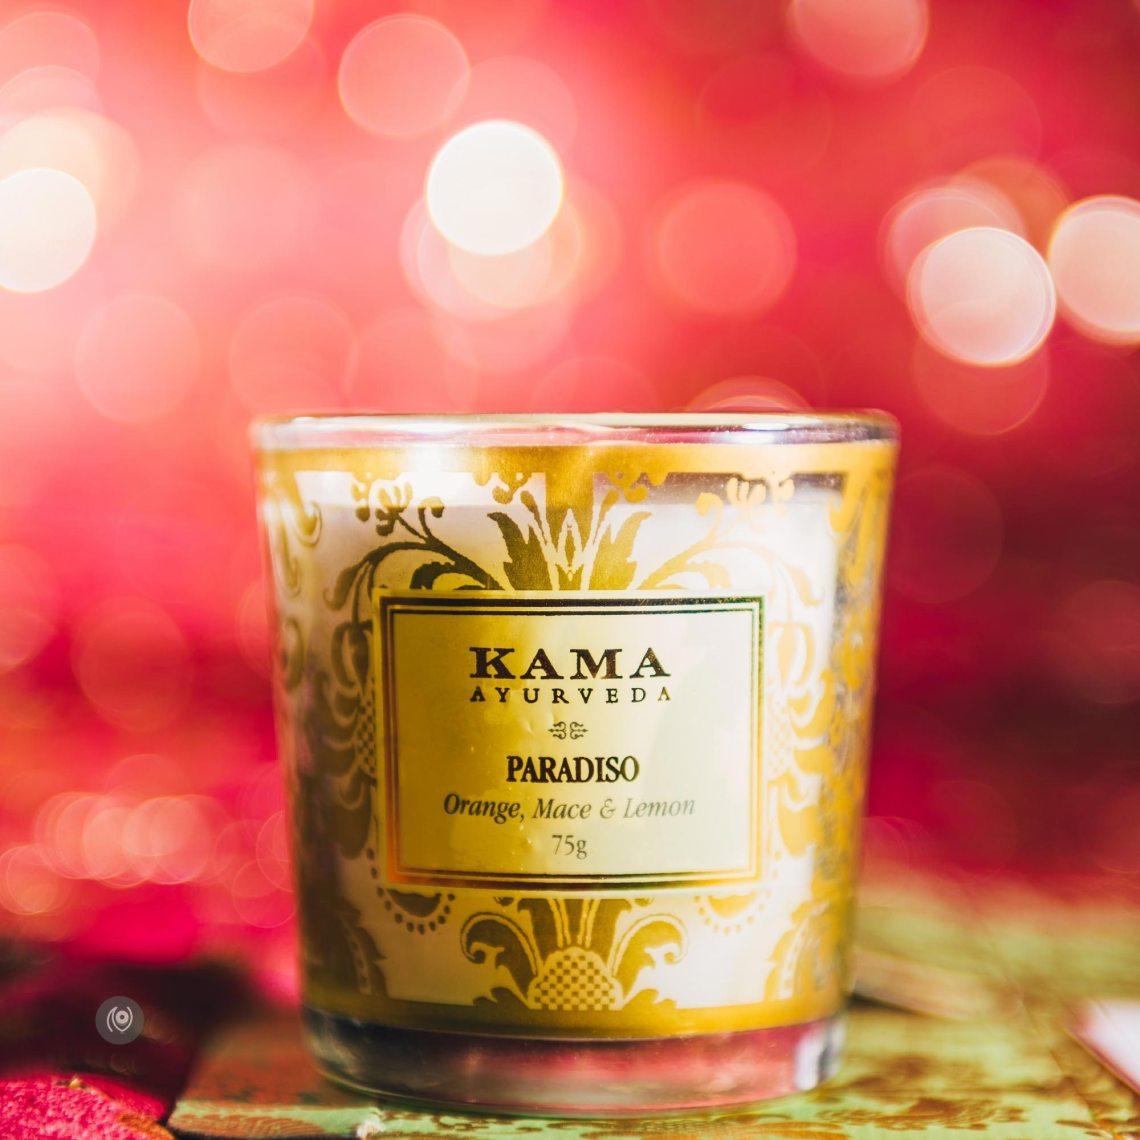 Naina.co-Luxury-Lifestyle-Photographer-Dec15-Kama-Ayurveda-EyesForBeauty-Winter-Care-SinCare-05